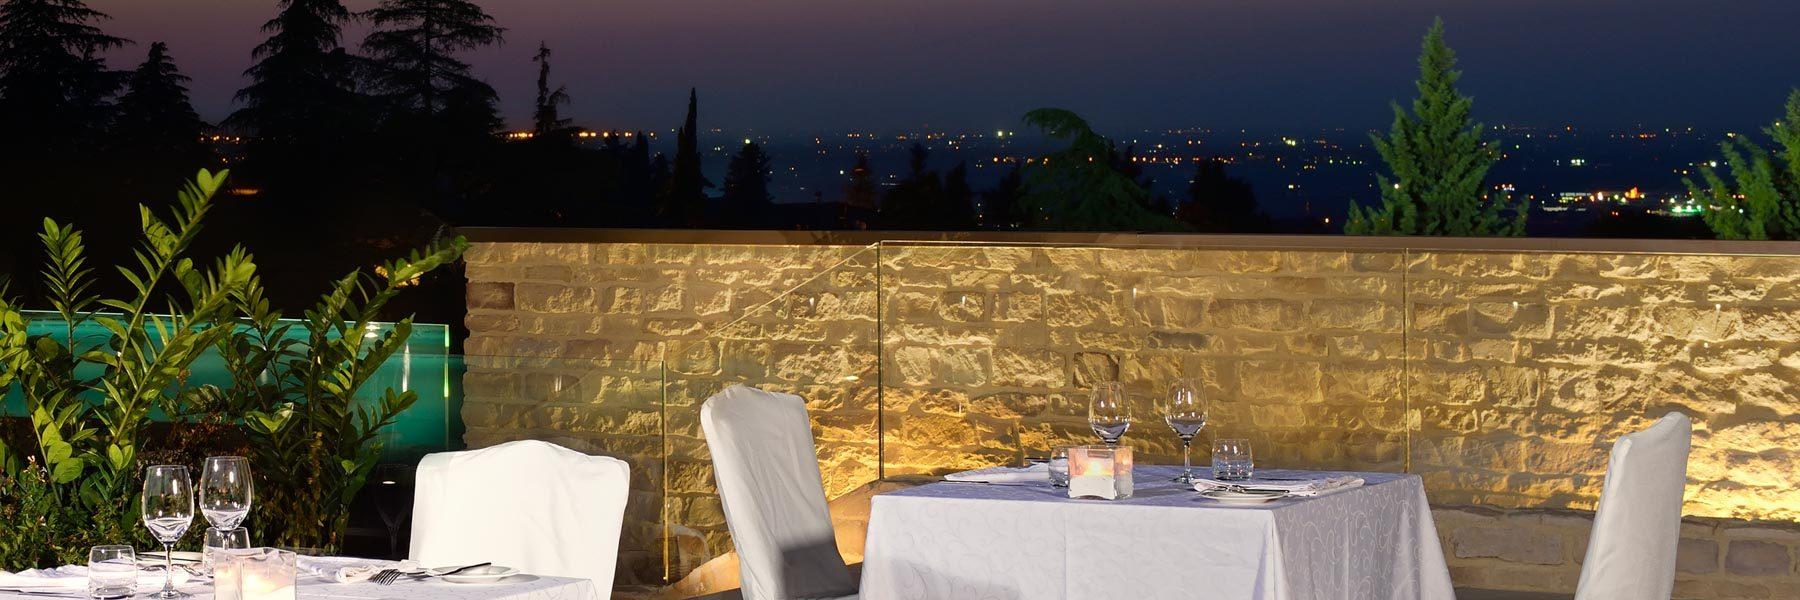 Terrasse d'un restaurant avec des tables et un pan de mur en pierre reconstituée Pietre d'Arredo taos